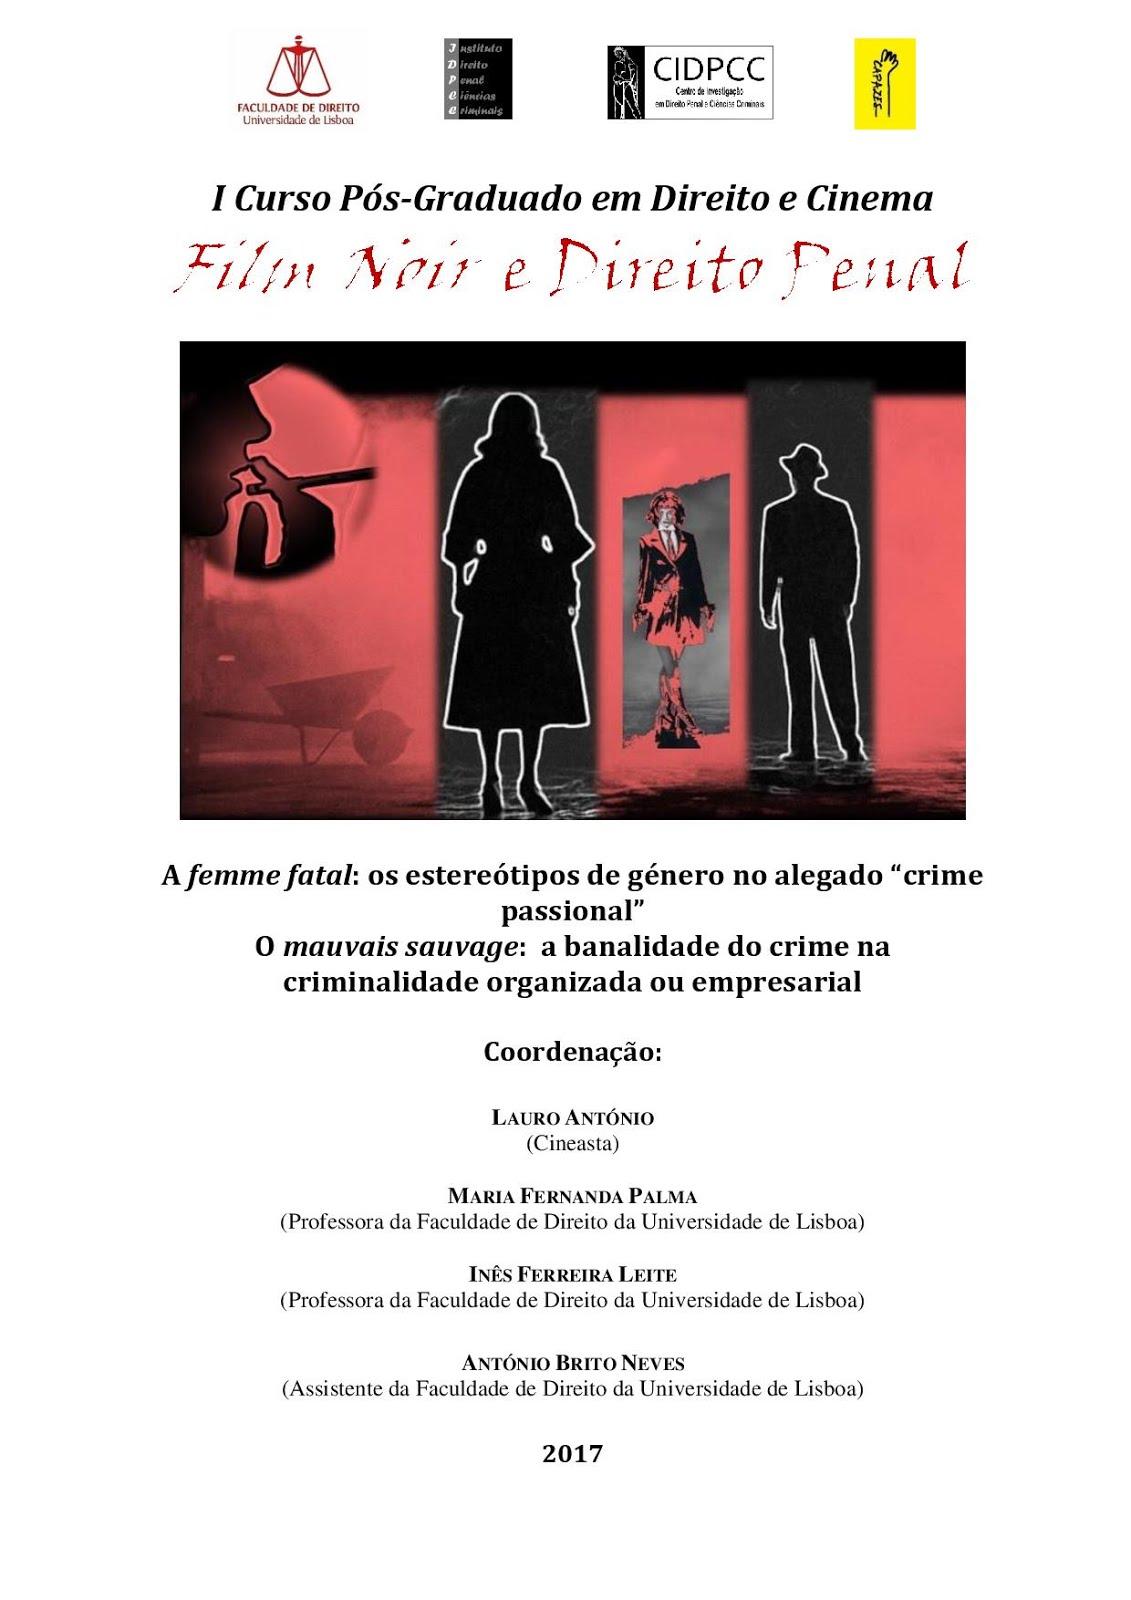 FILME NEGRO E DIREITO PENAL